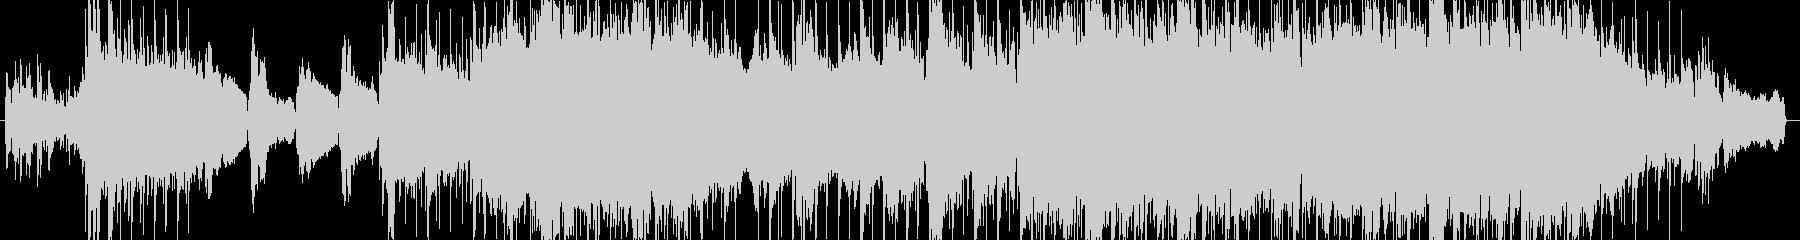 ピアノとバイオリンの感動バラードの未再生の波形